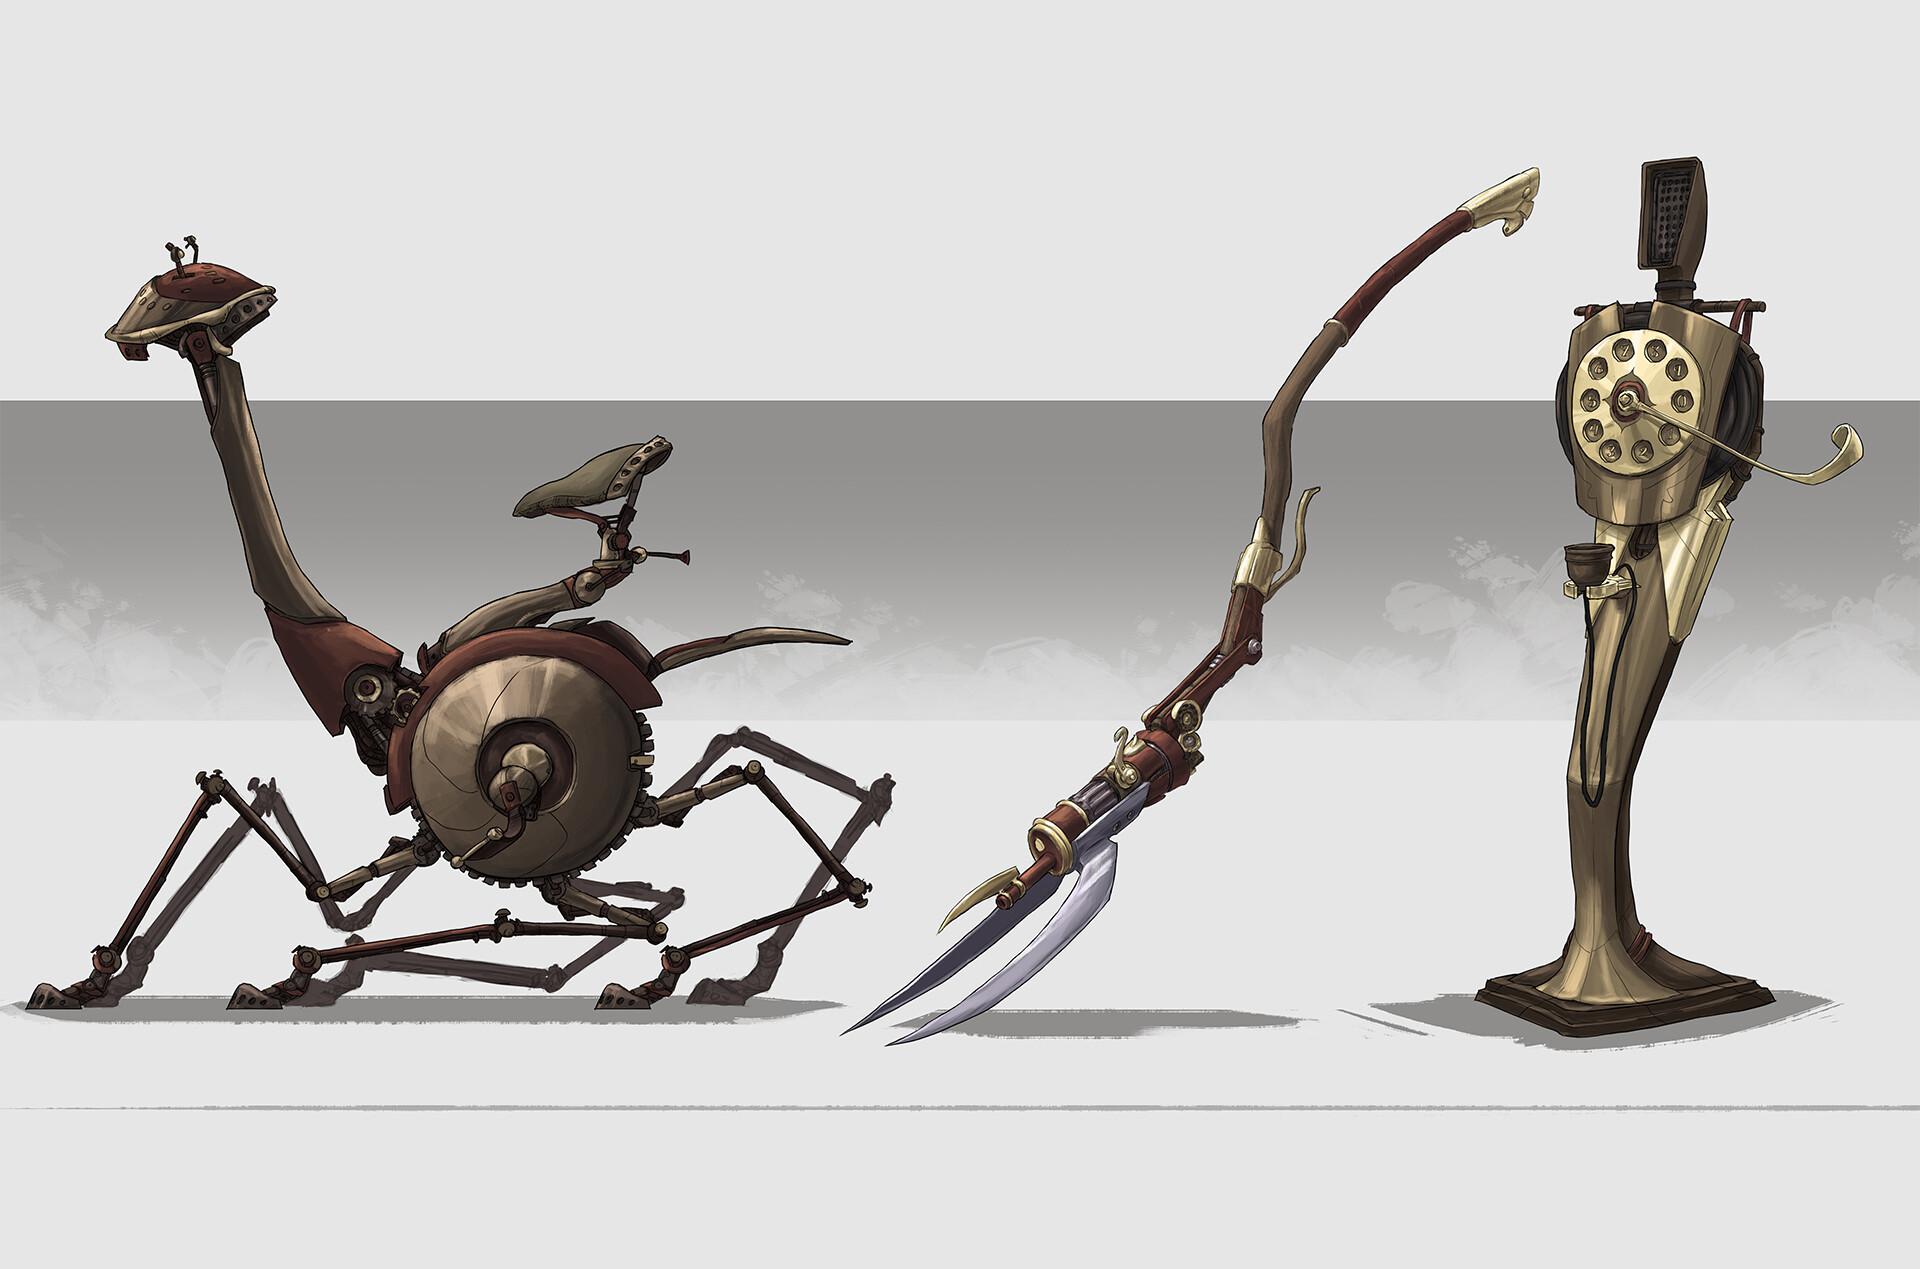 Diego Dominguez Steampunk Designs